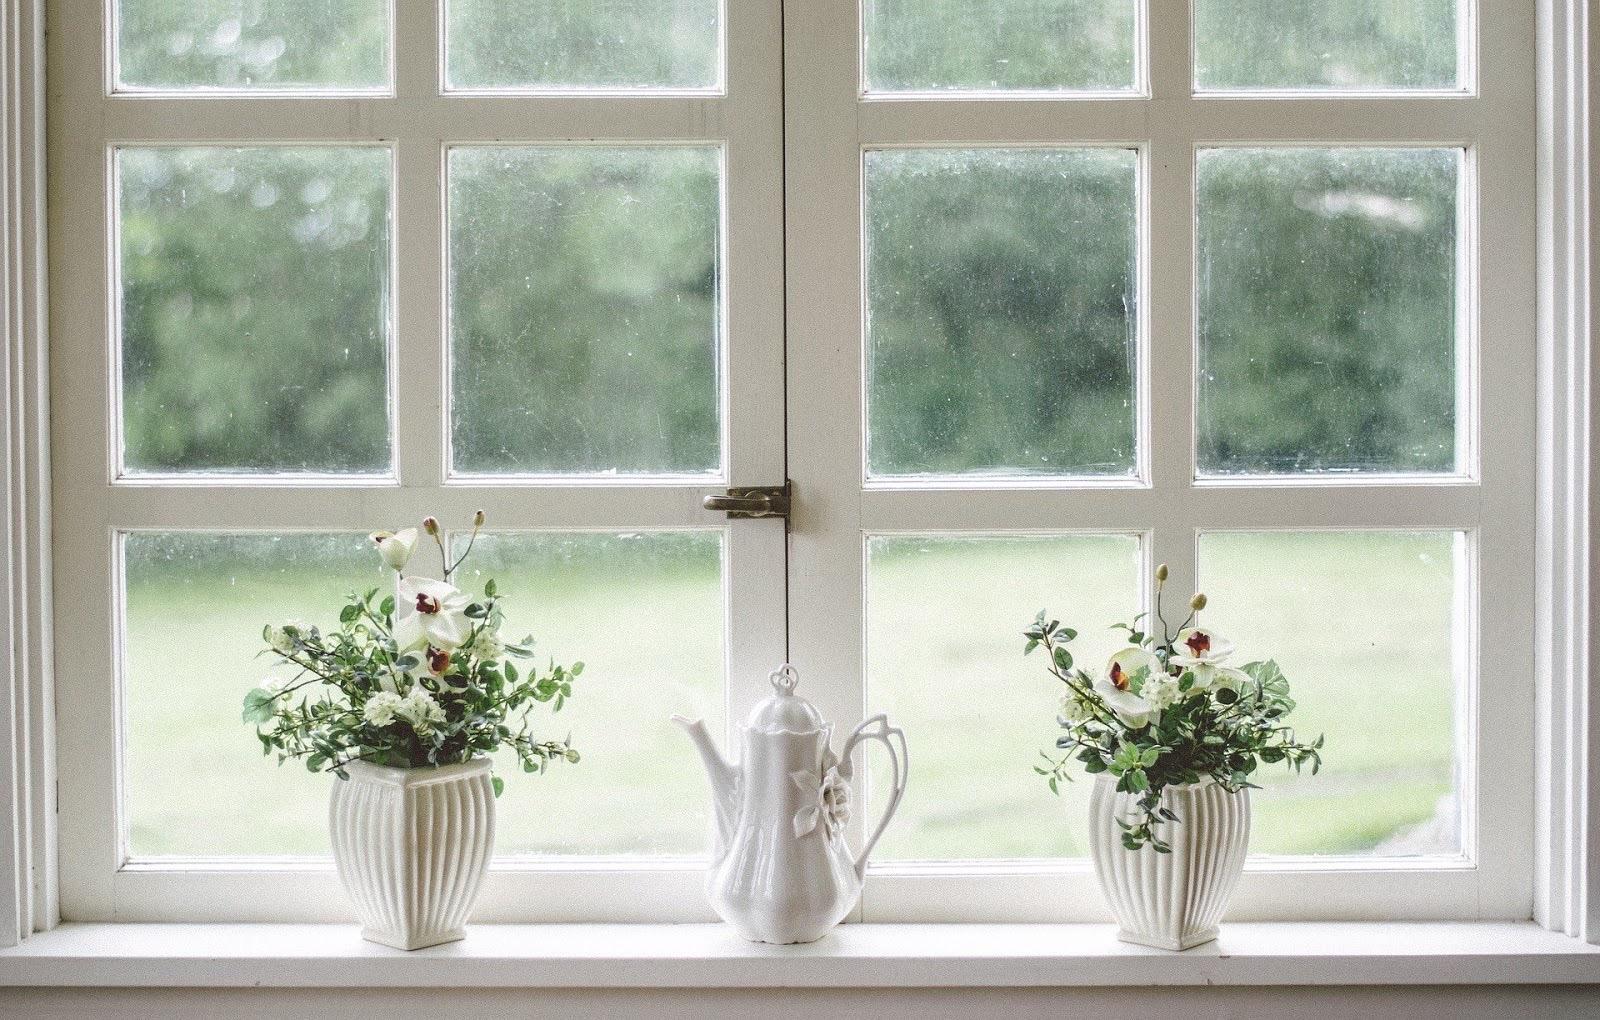 ornaments sitting on a window shelf